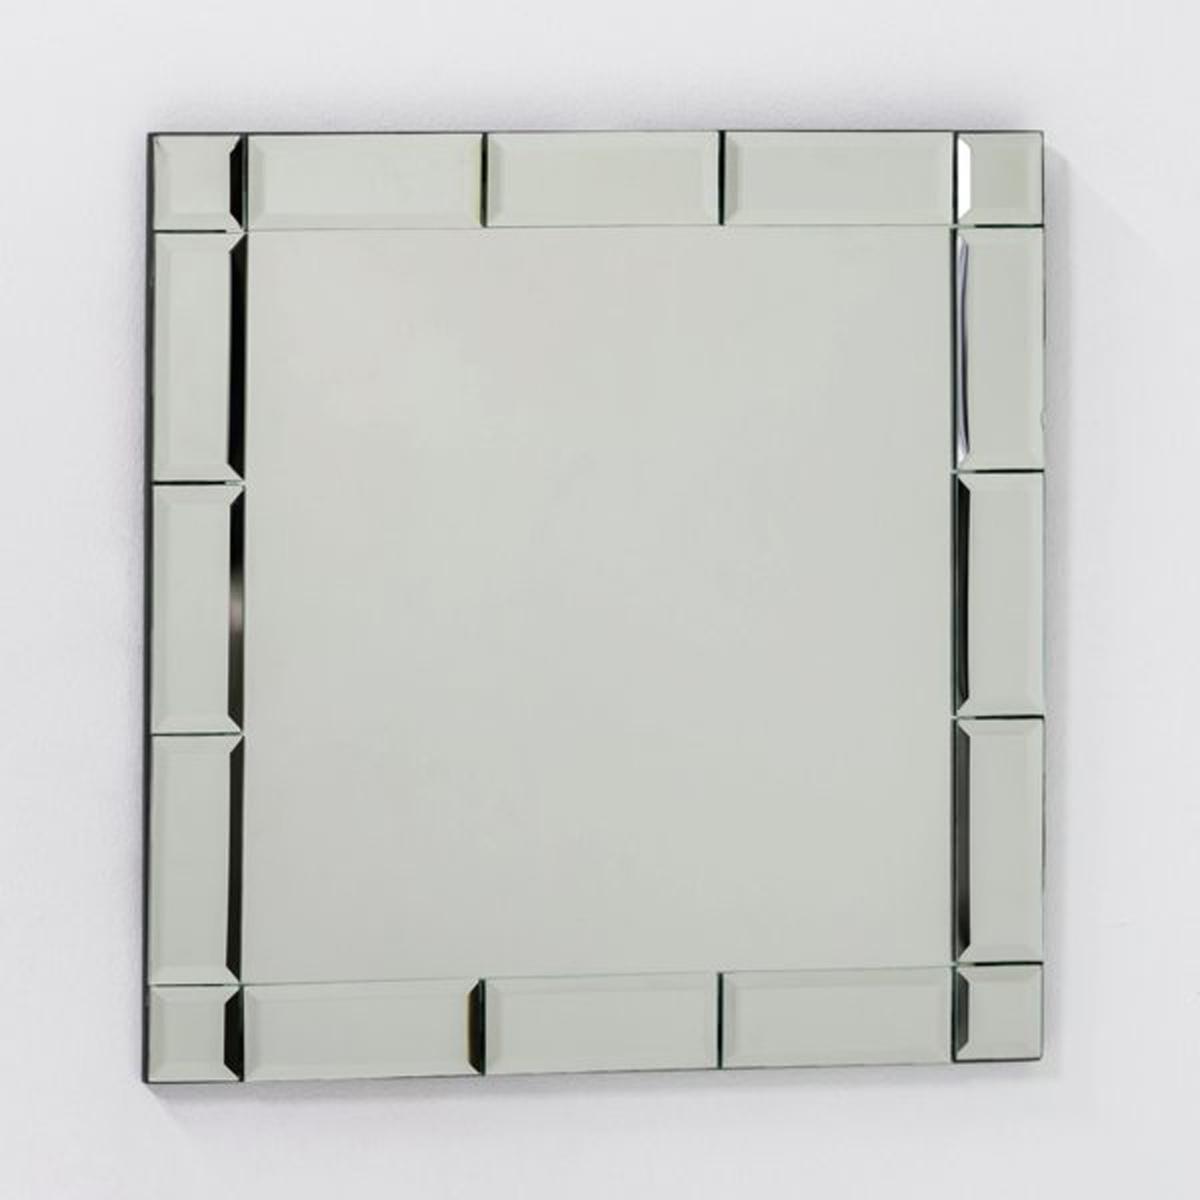 Зеркало настенное Astier, малая модель, Ш.40 x В.40 см<br><br>Цвет: безцветный<br>Размер: единый размер